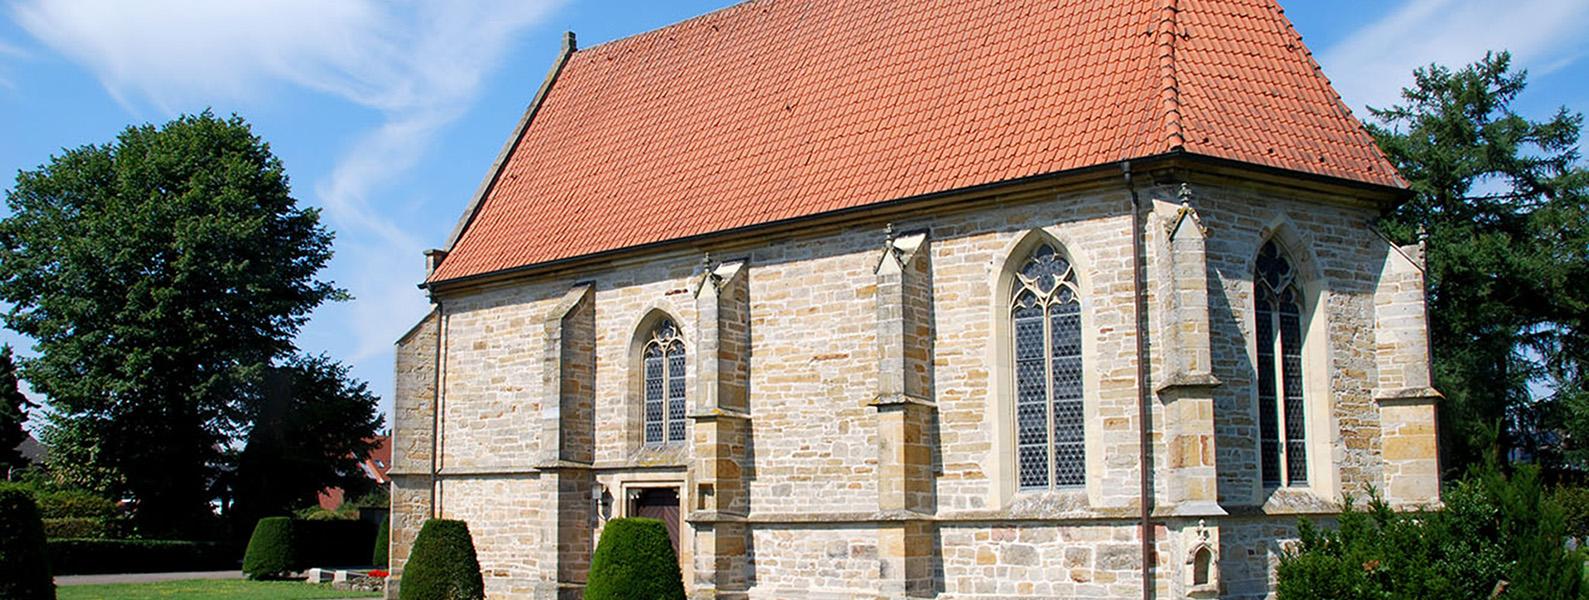 Die Alte Kirche in Mesum Außenansicht